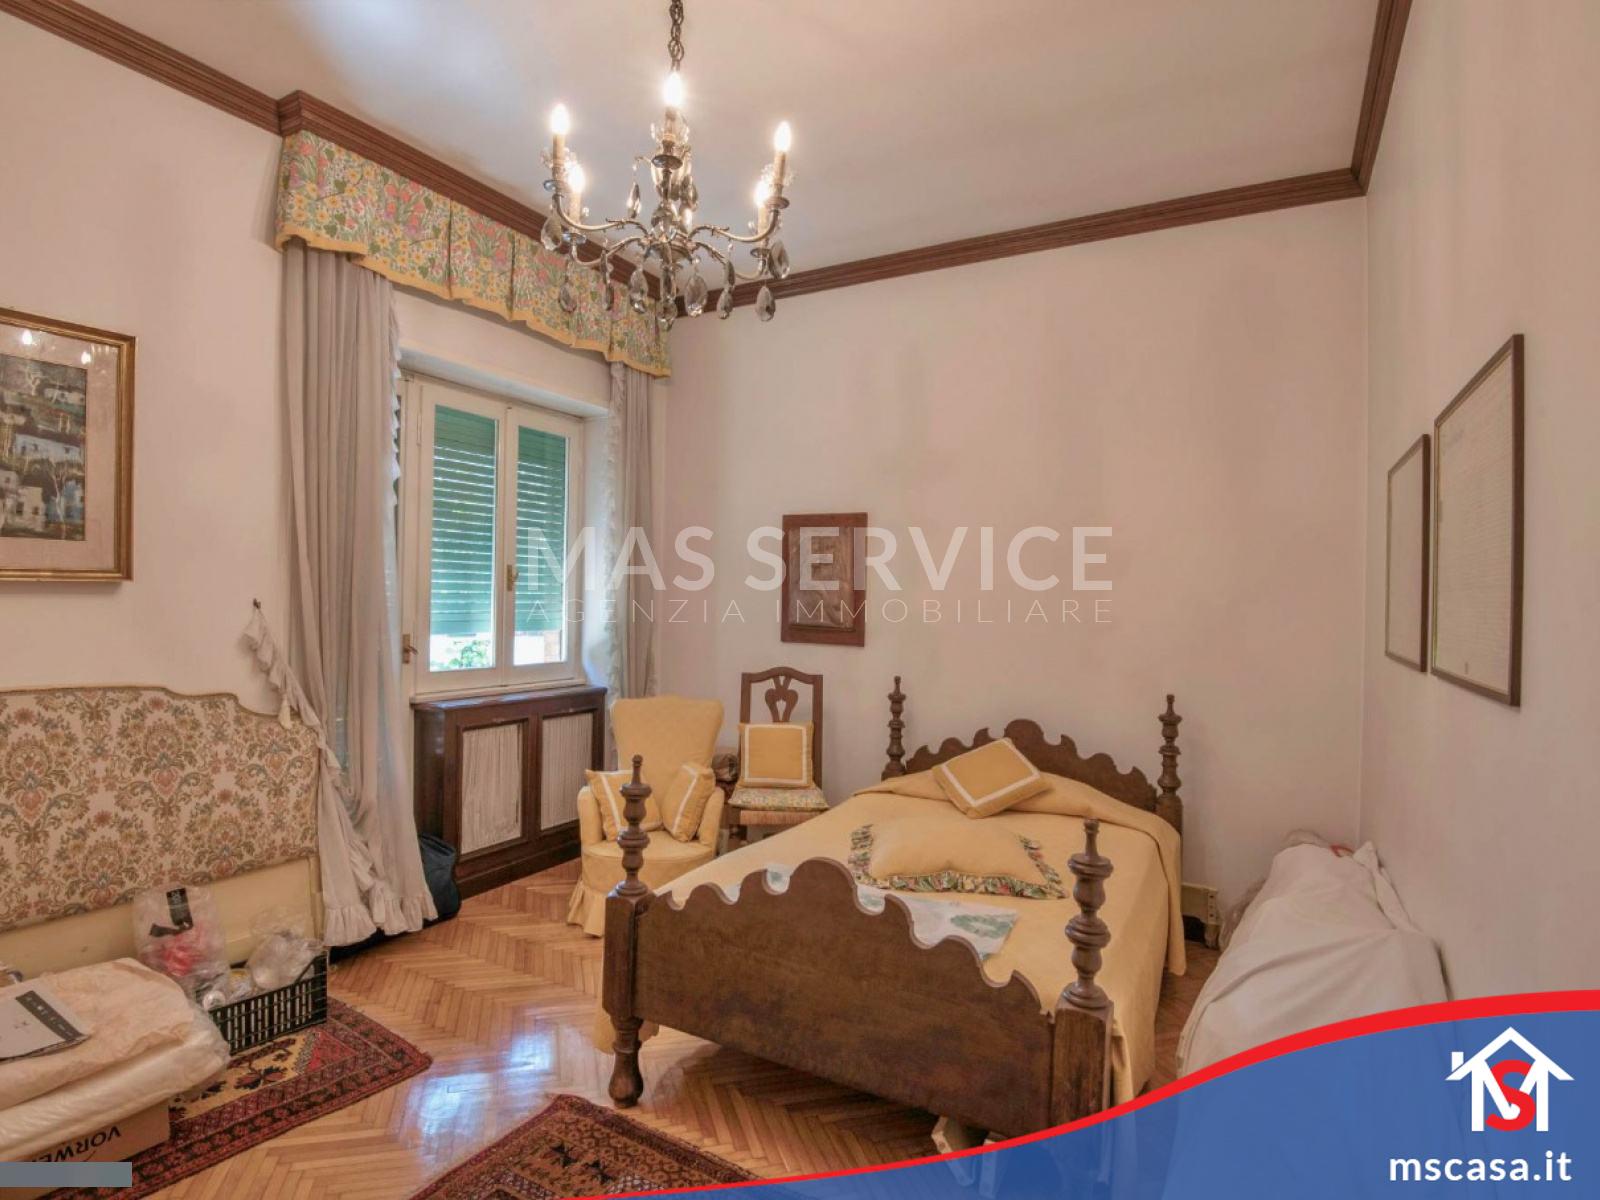 Quadrilocale in vendita zona Laurentina a Roma Vista  2 Camera da letto